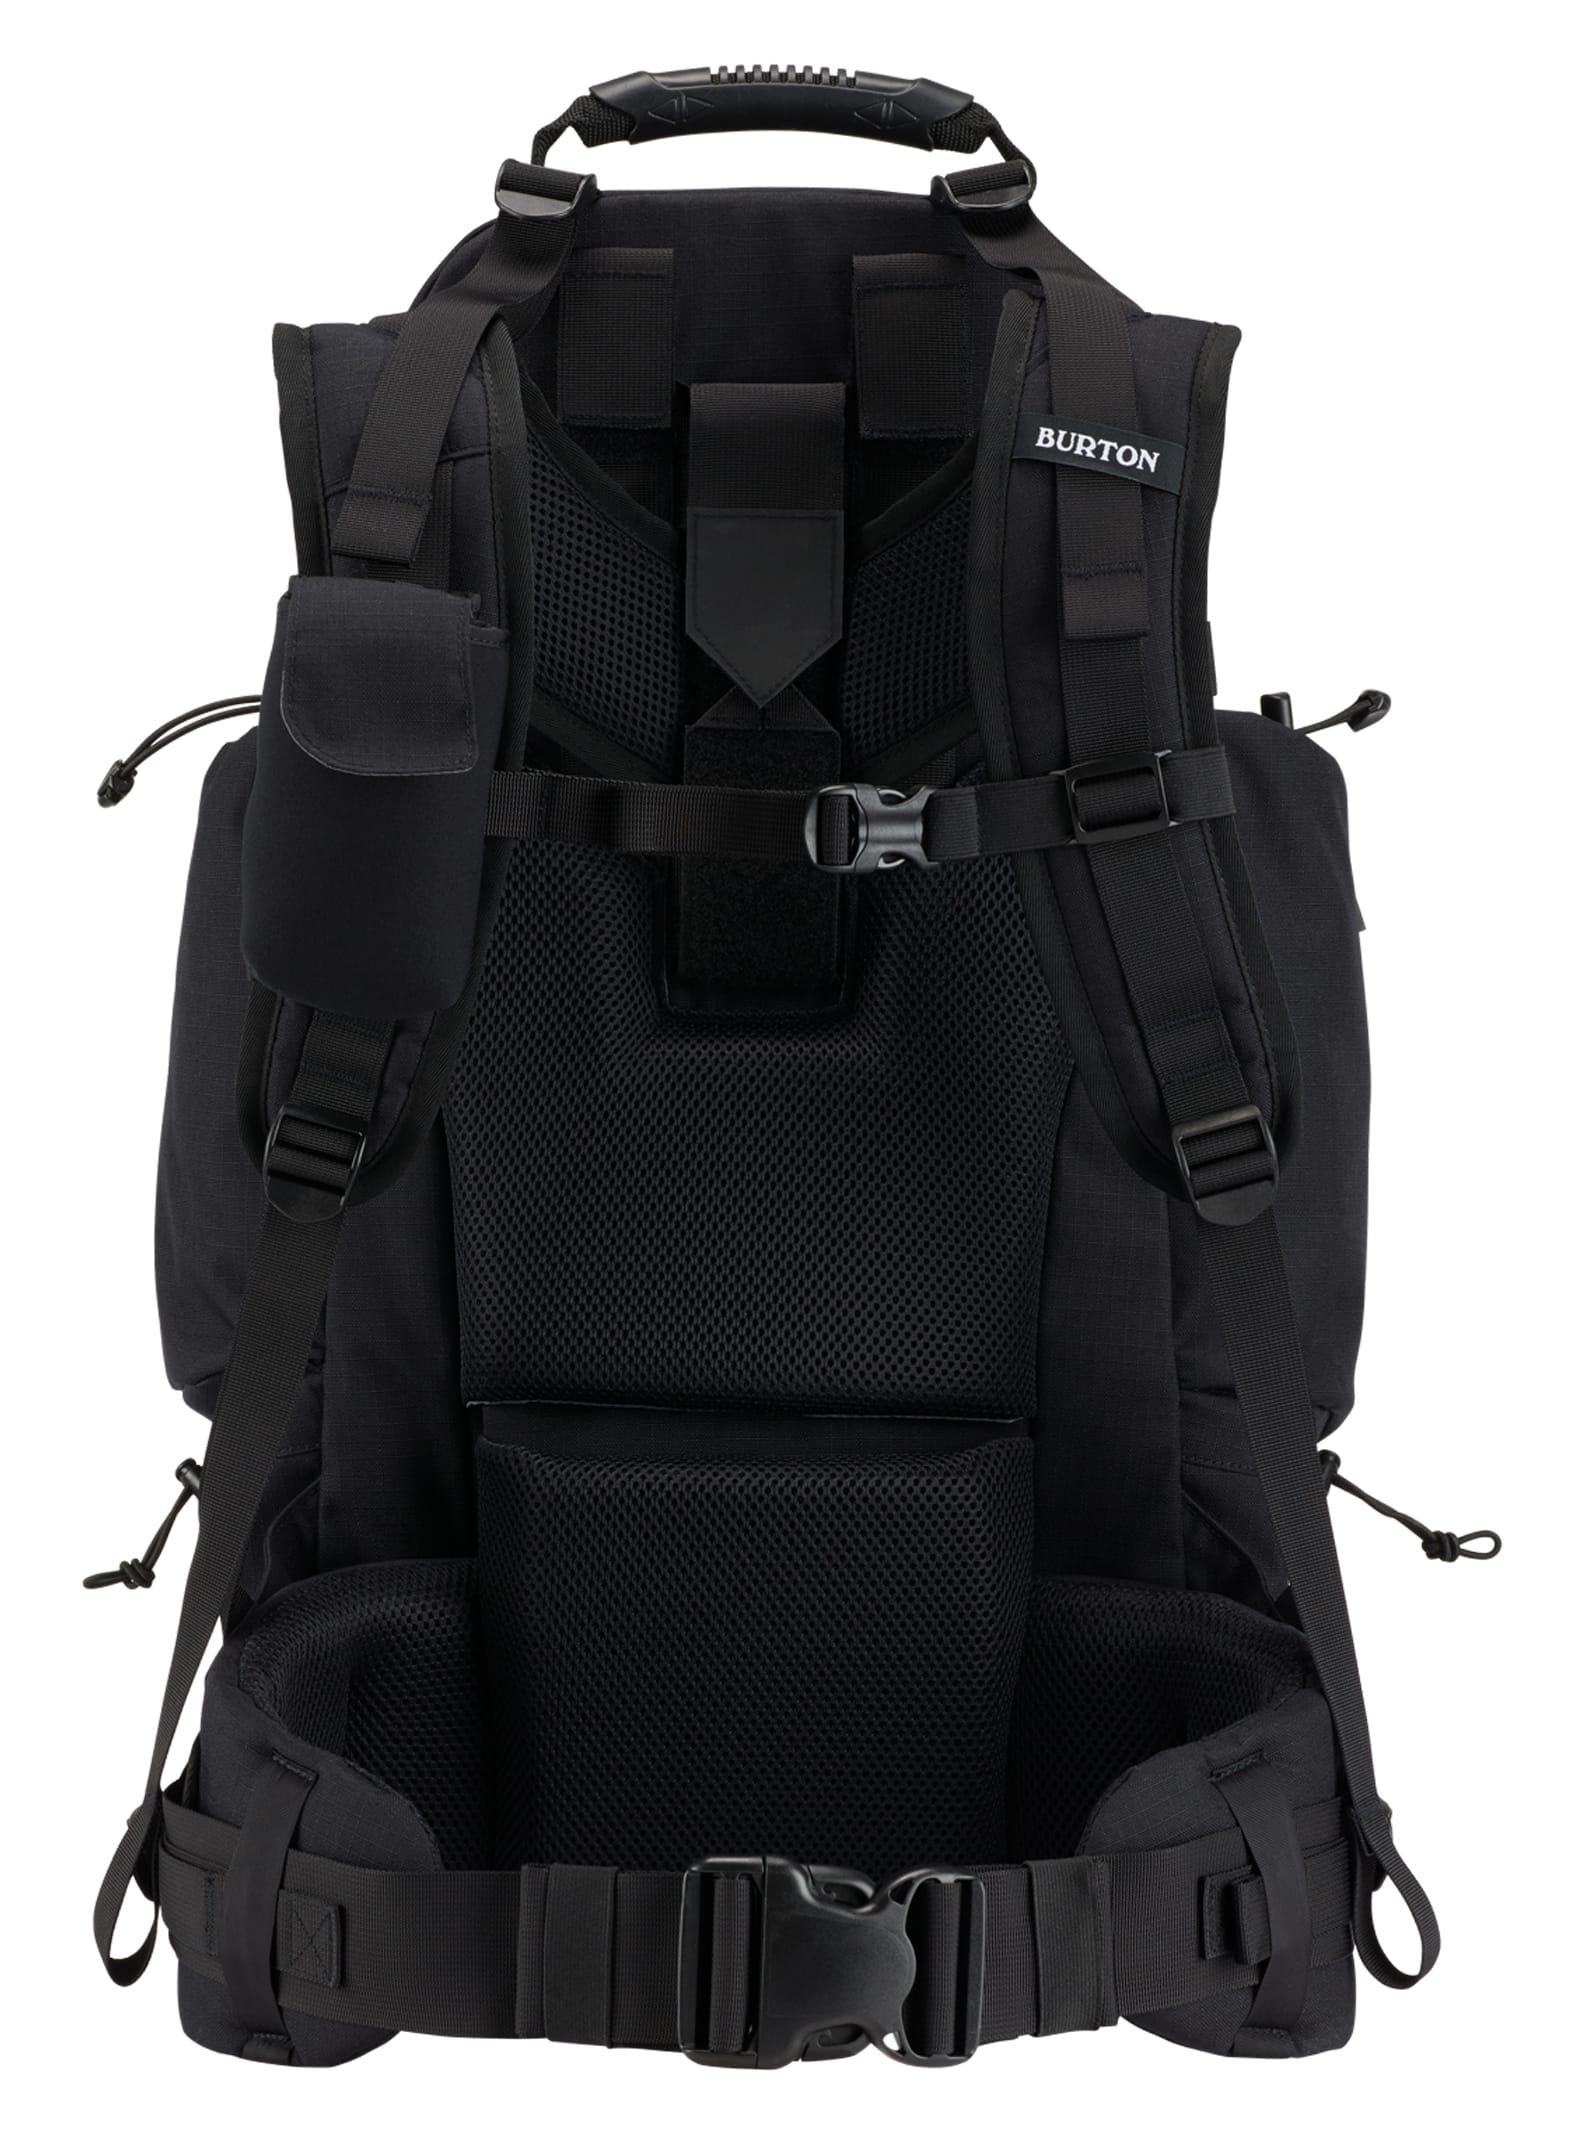 Best Dslr Backpack 2020 Burton F Stop 28L Camera Backpack | Burton.Winter 2020